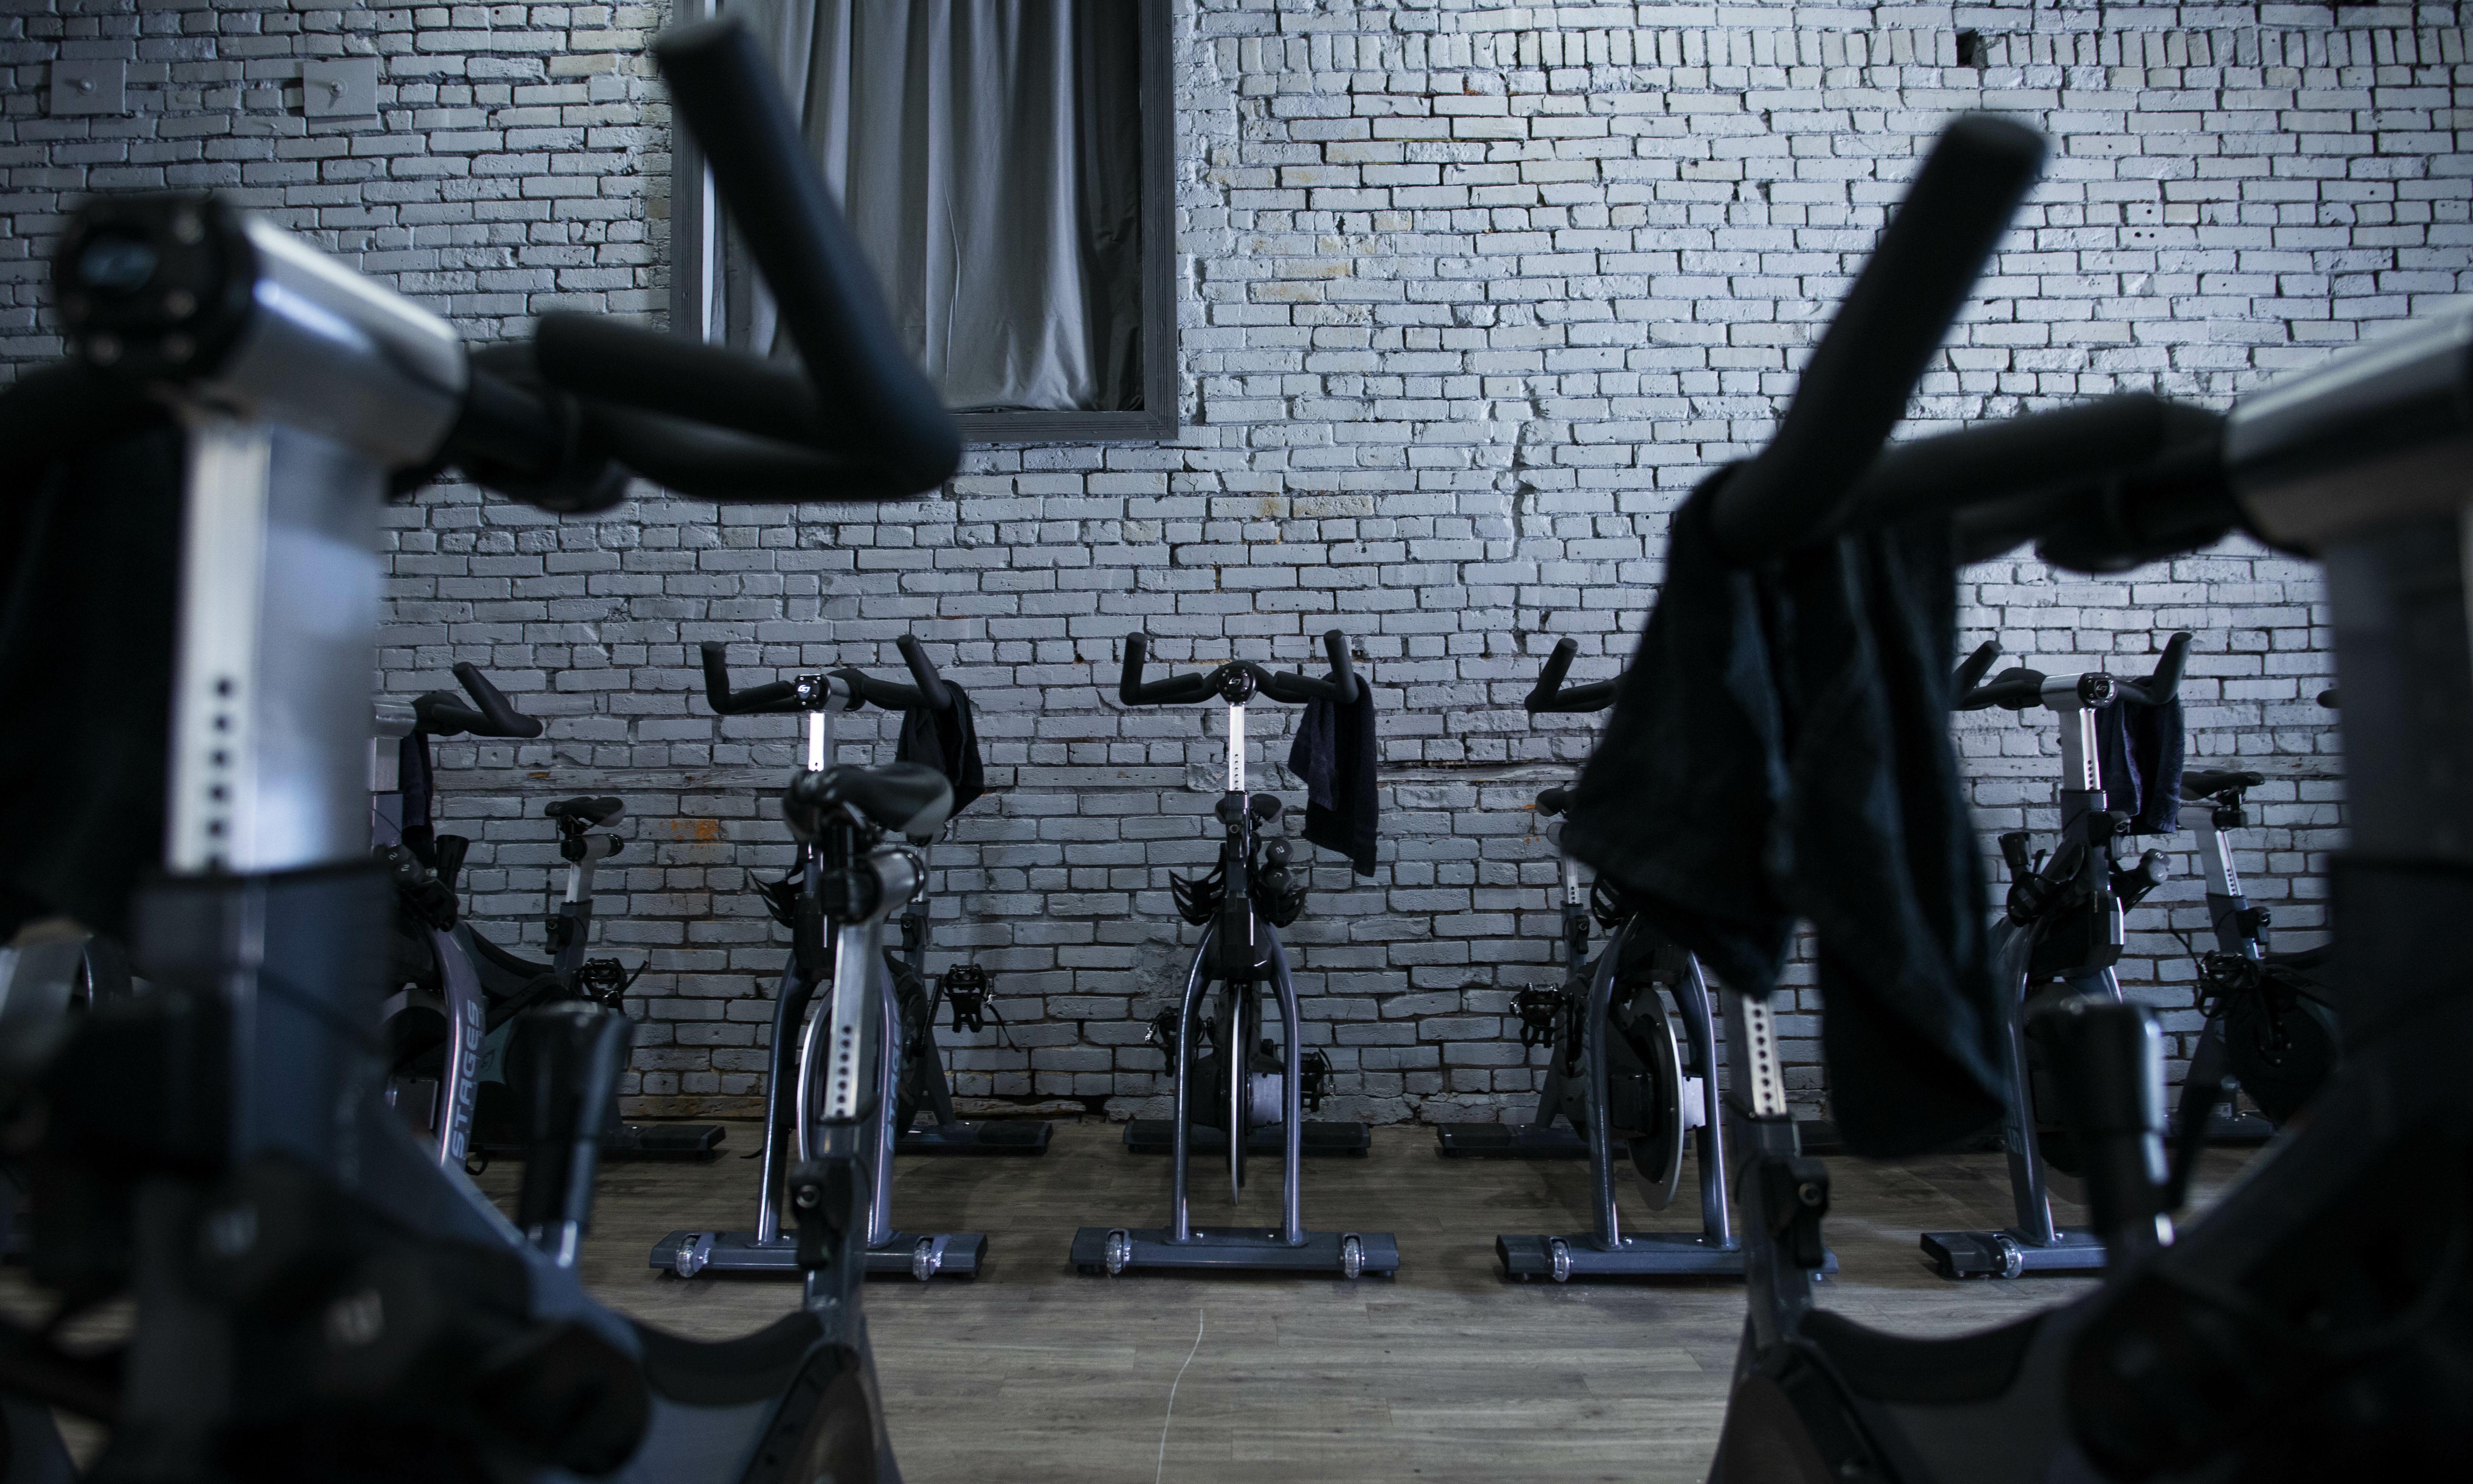 Bikes at Home